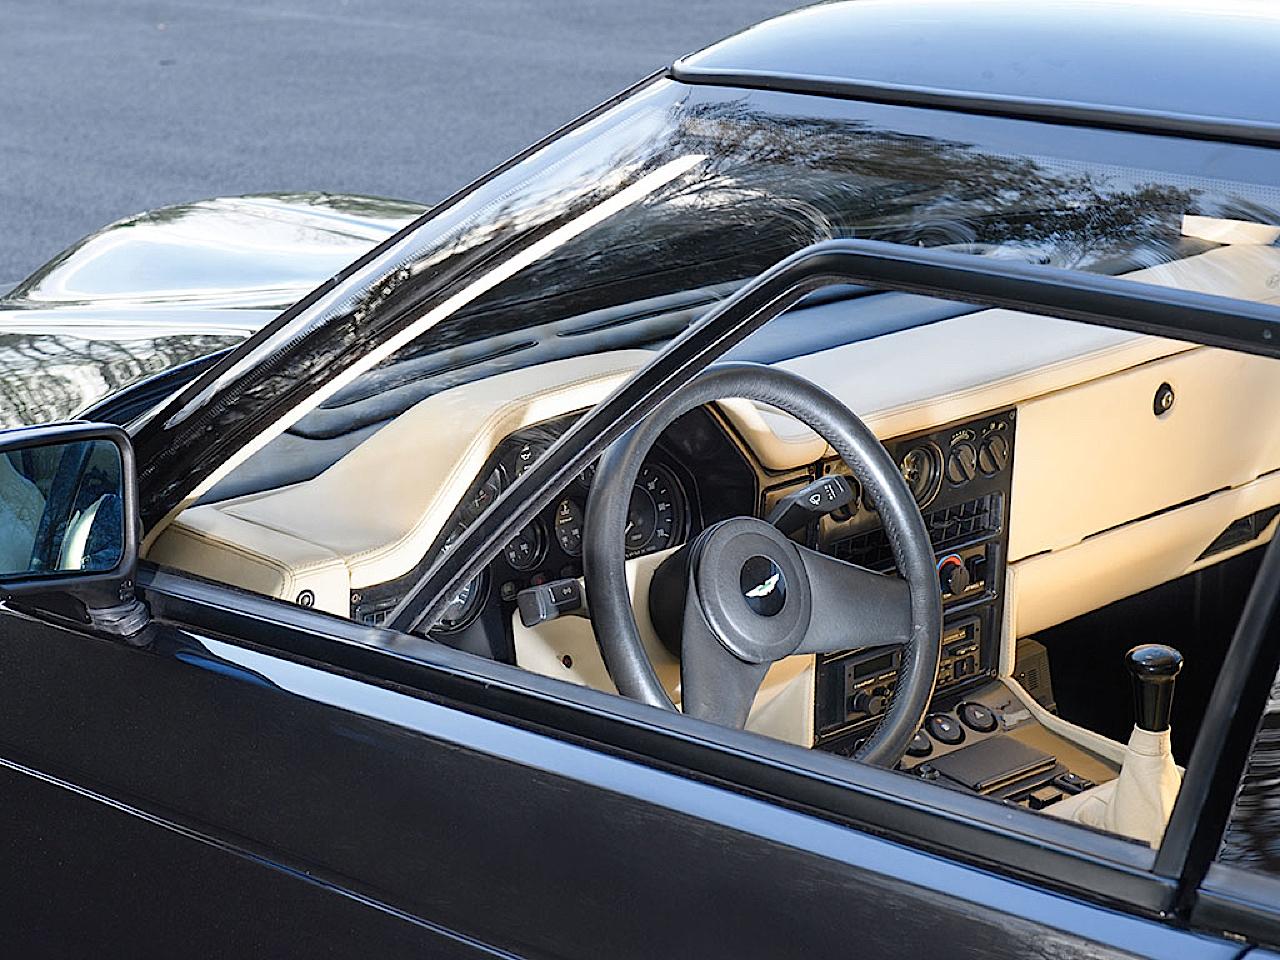 '87 Aston Martin V8 Vantage Zagato : 17